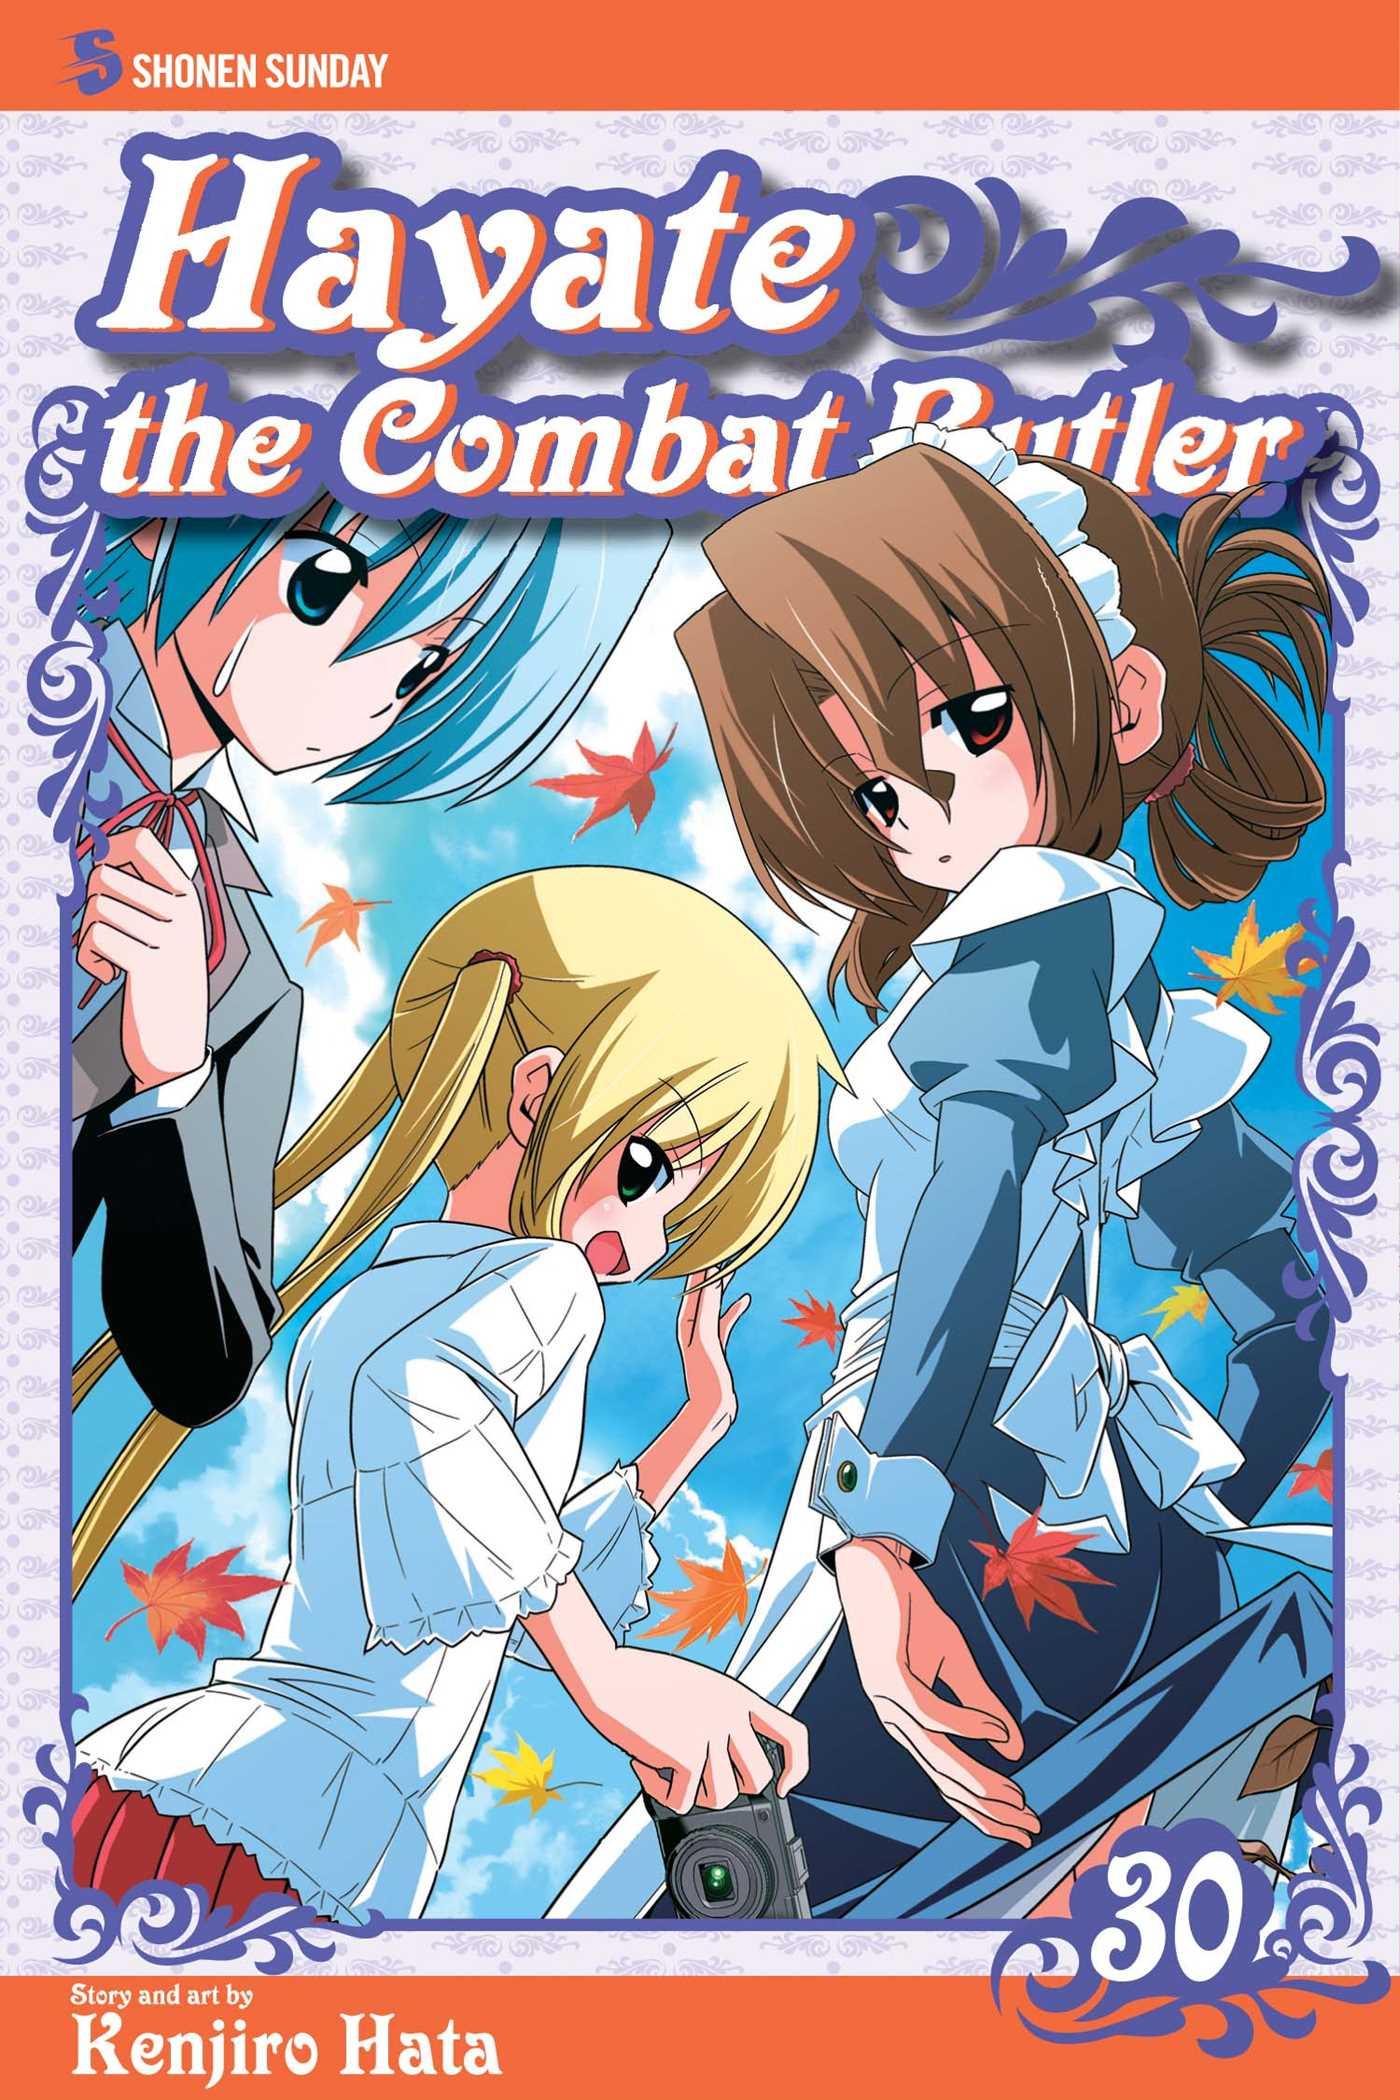 Hayate the combat butler vol 30 9781421594484 hr